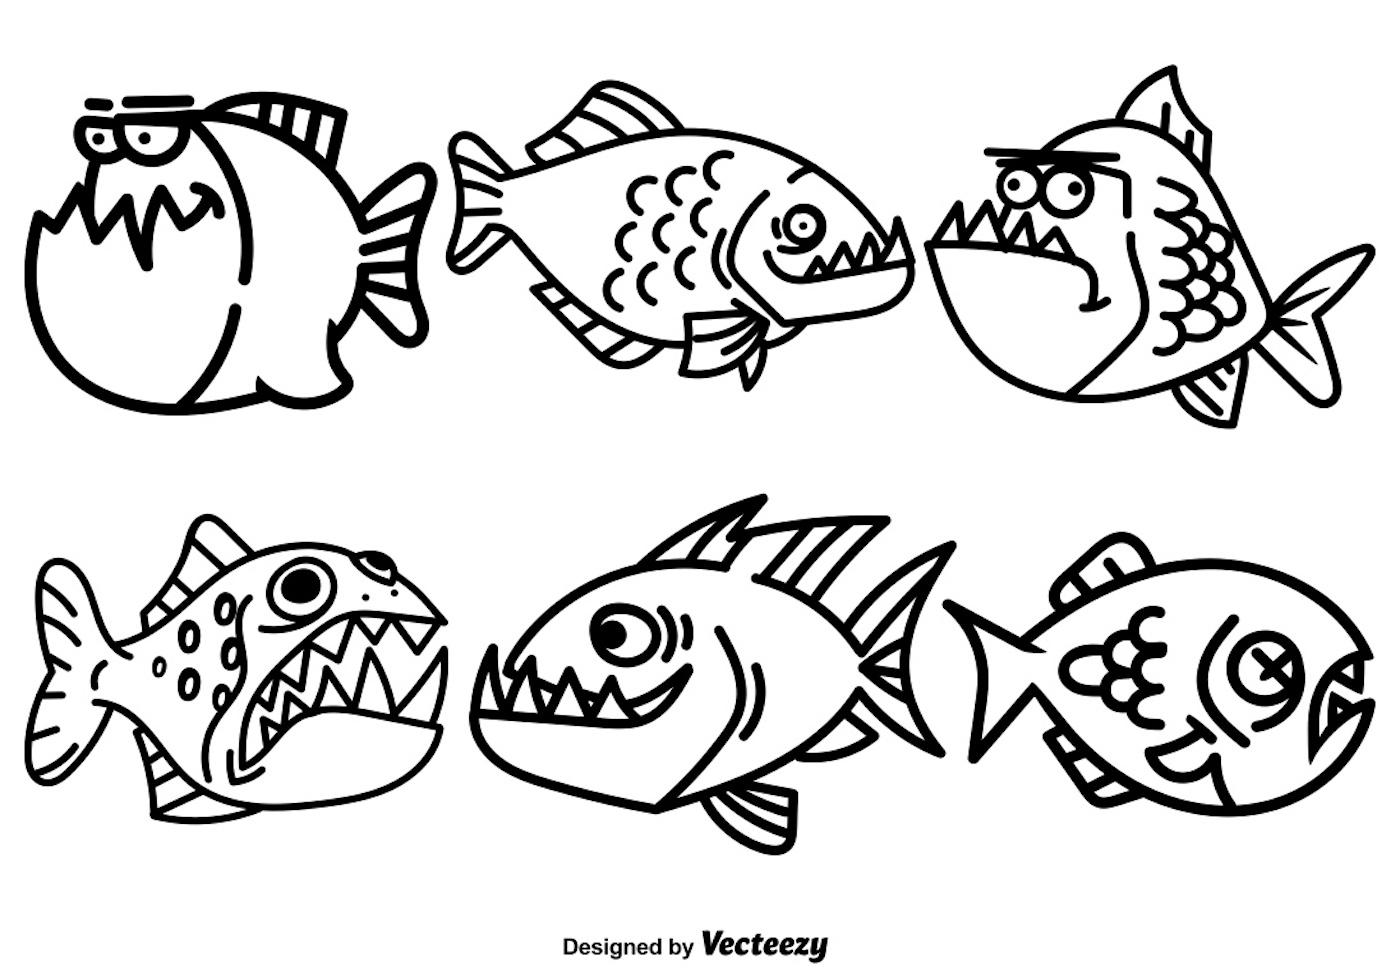 Vector de dibujos animados piraña conjunto de peces - Descargue ...